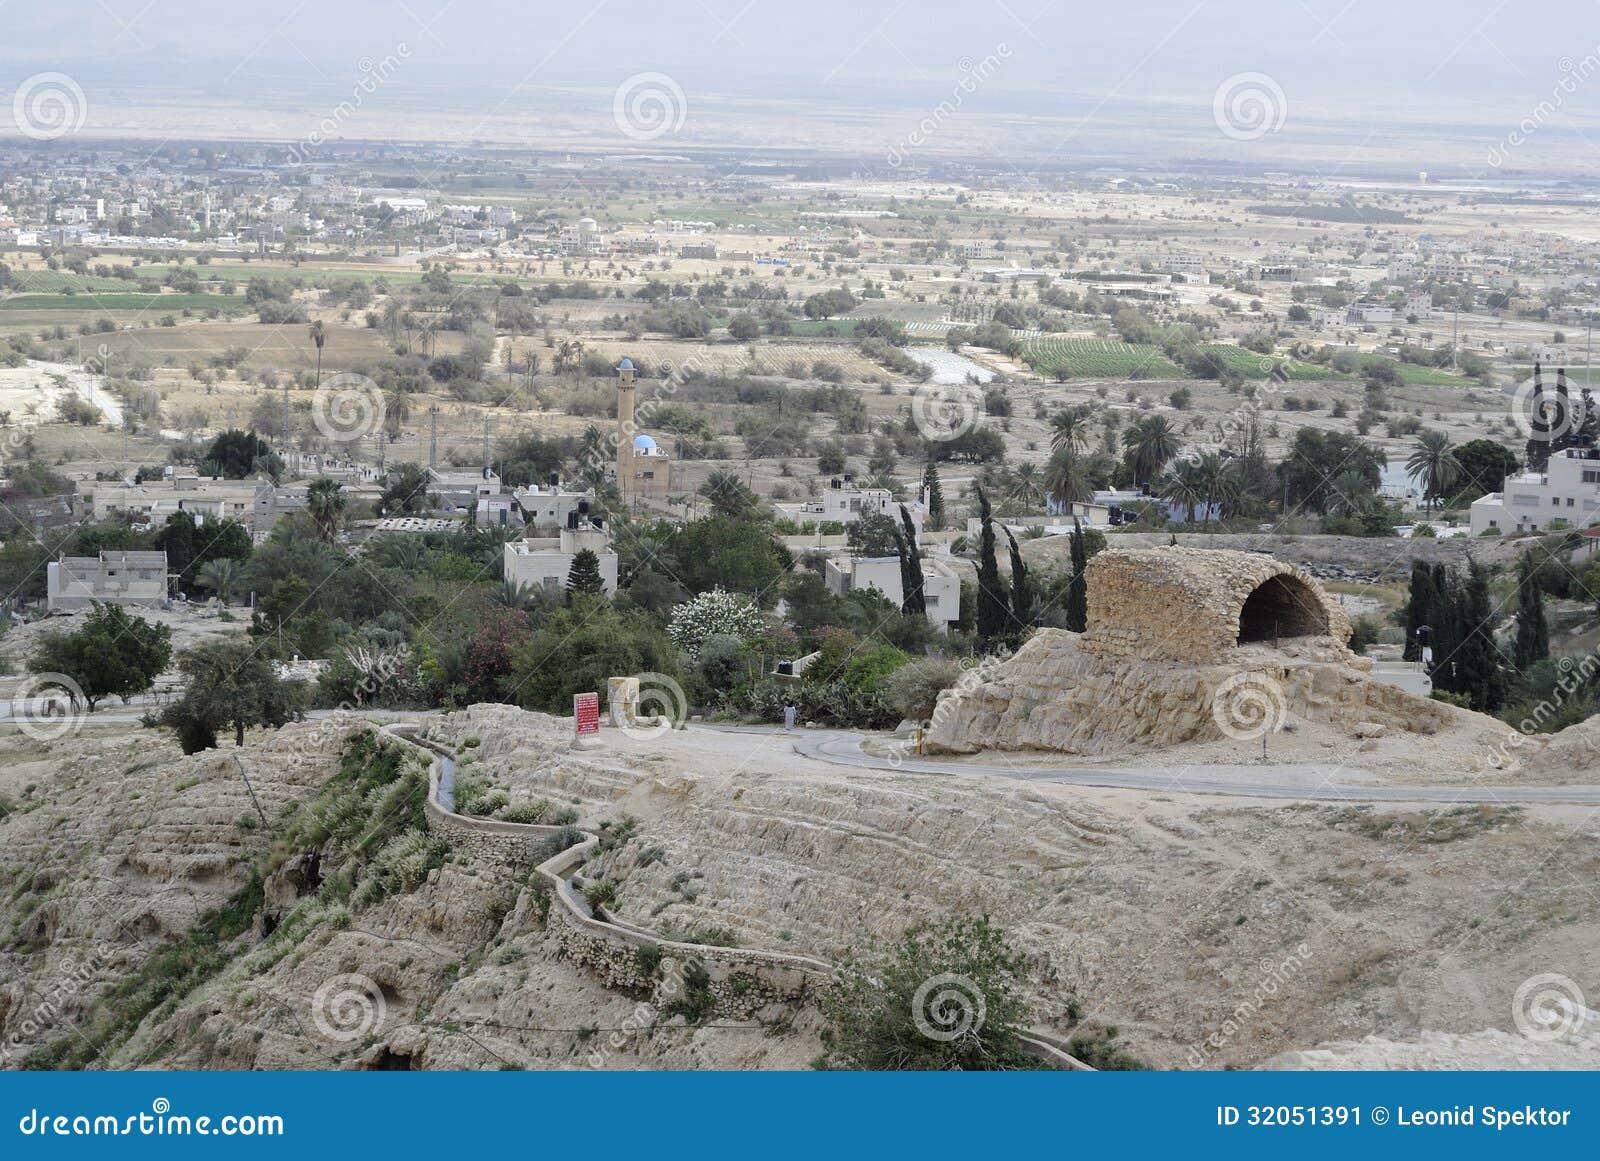 Paisaje urbano de Jericó del desierto de Judea.